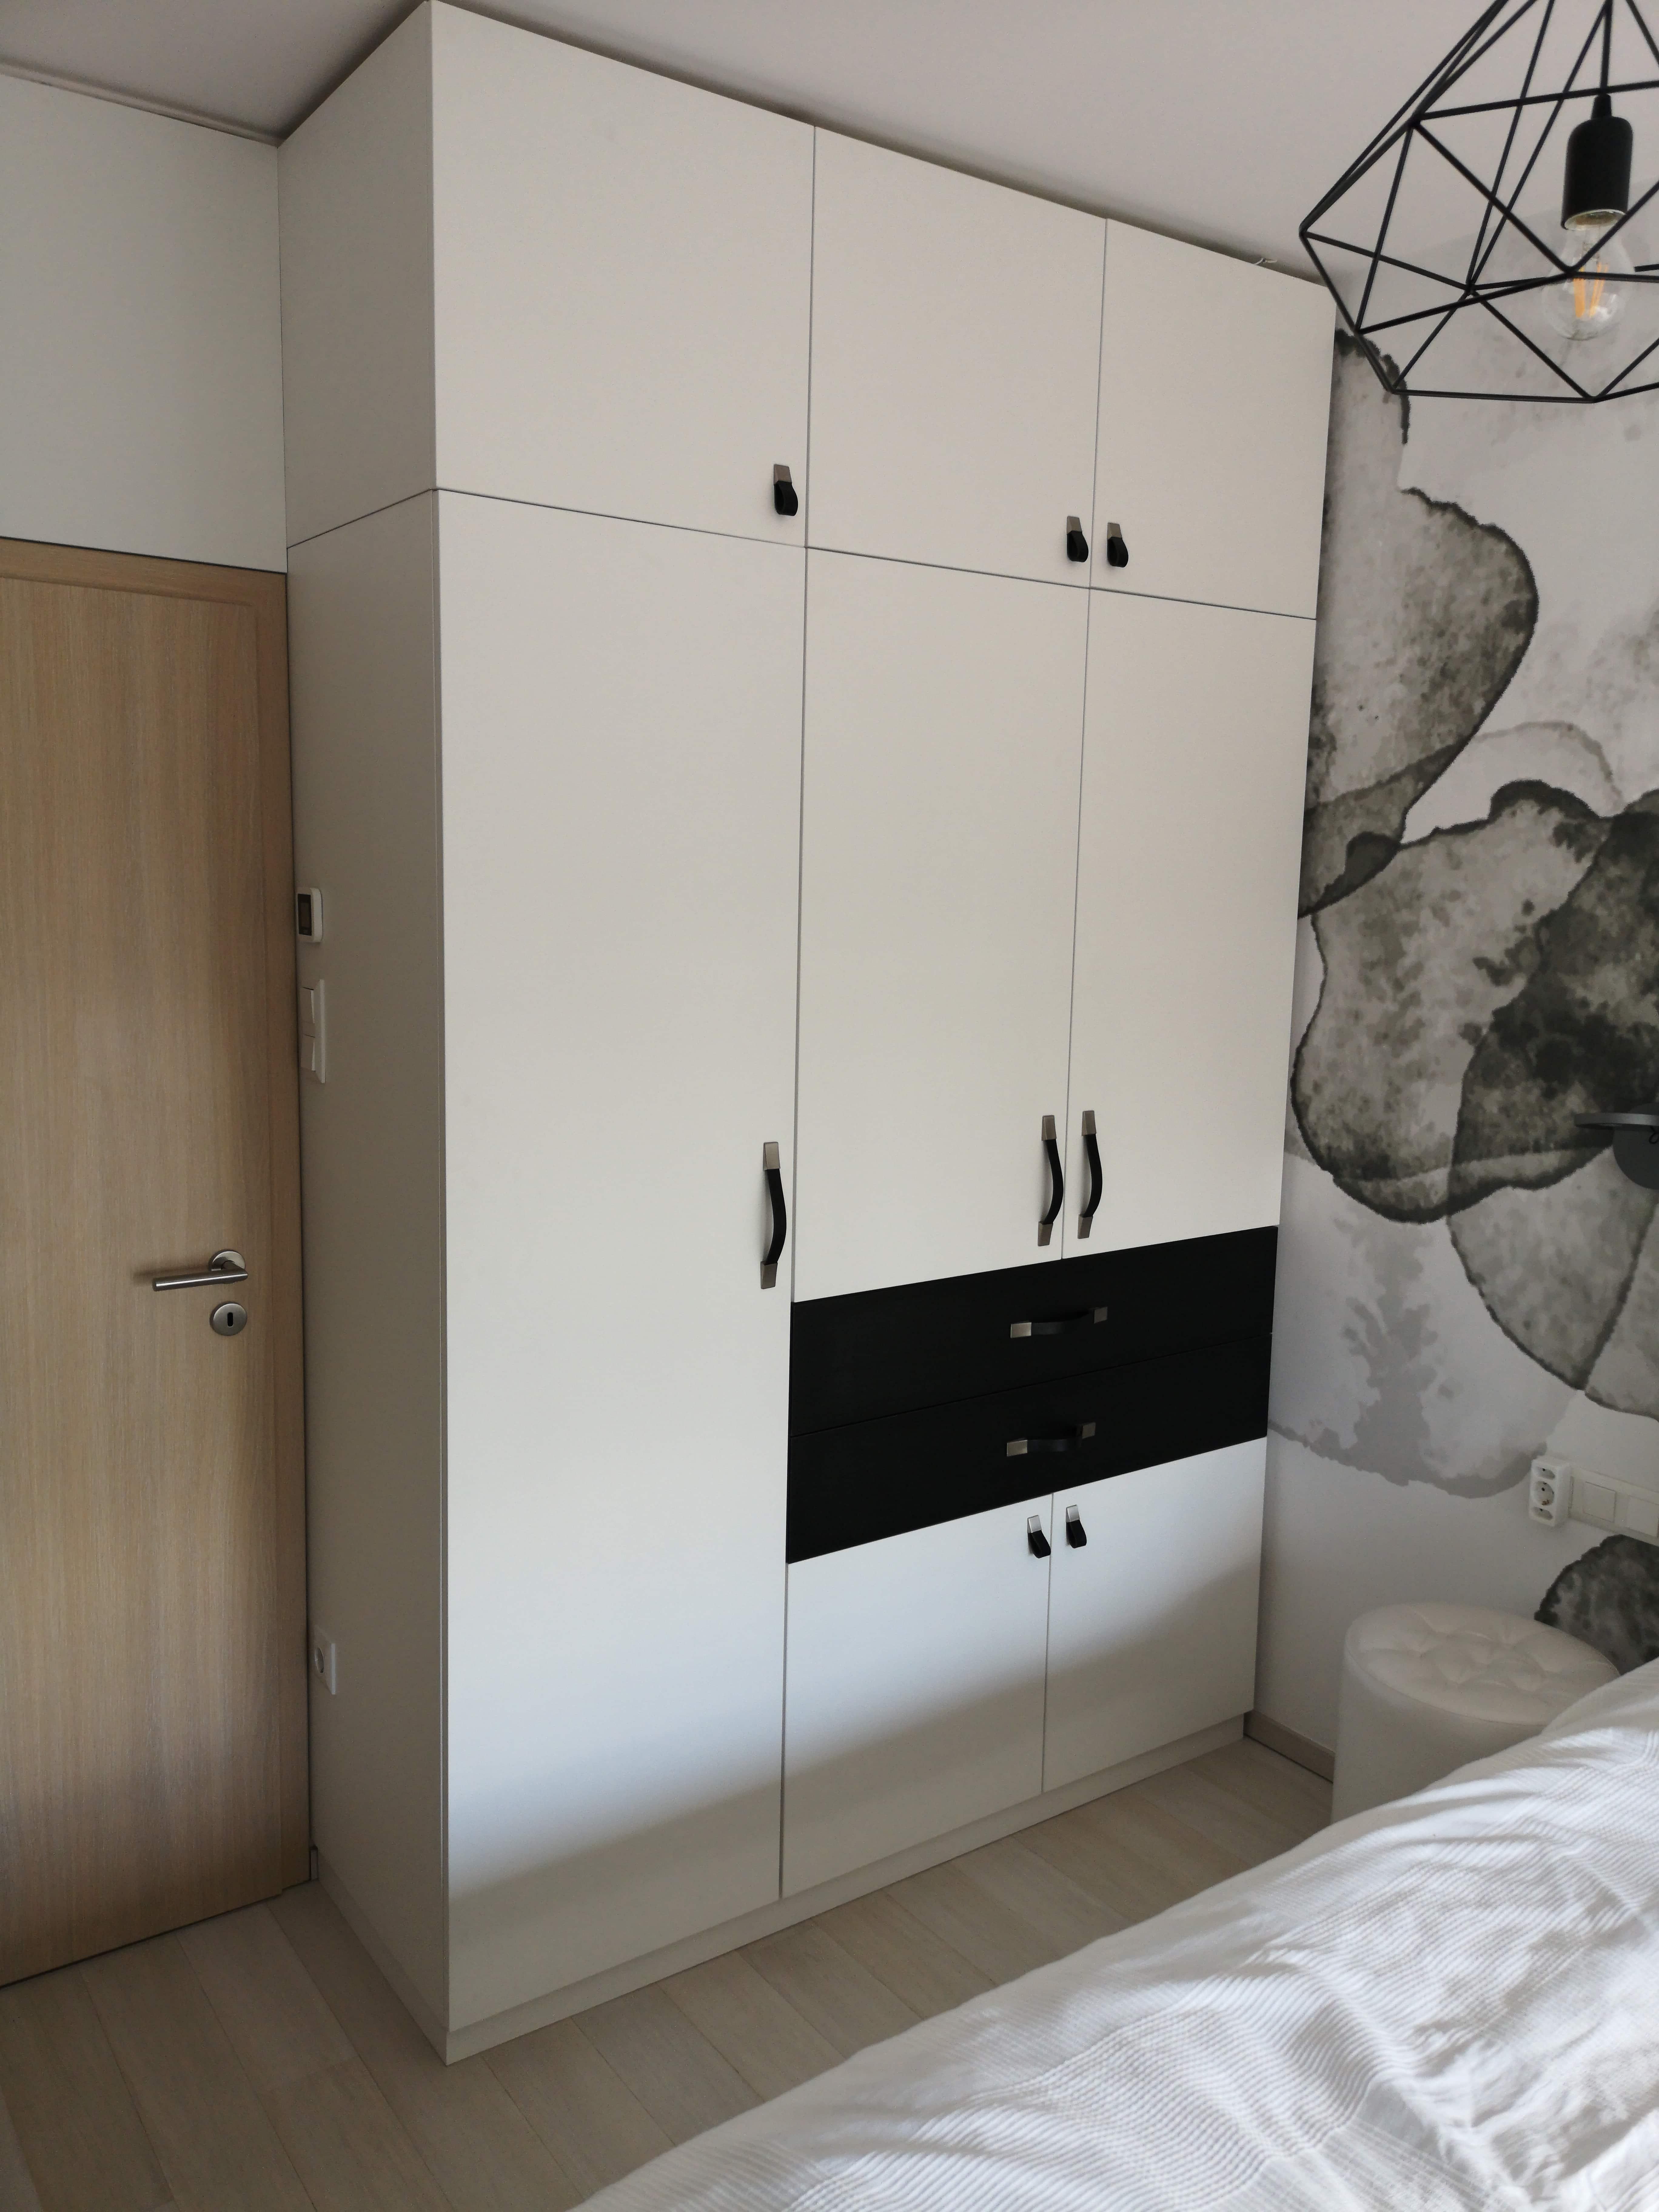 Beépített szekrény a hálószobában - a bőr fogantyúk és a fekete fiók teszi izgalmassá-